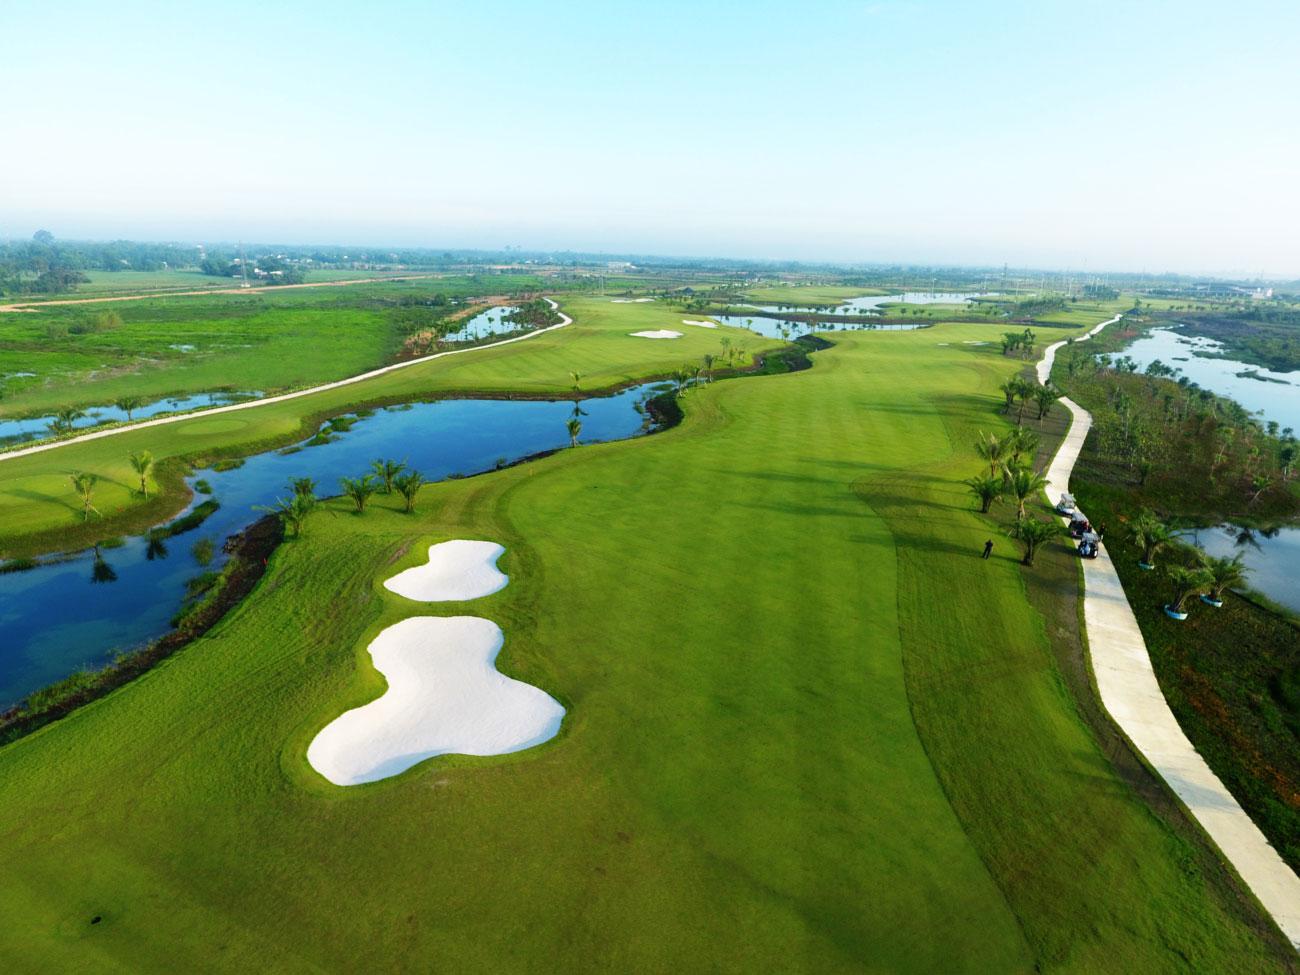 bđs nghỉ dưỡng ven đô, BĐS nghỉ dưỡng ven đô – West Lakes Golf & Villas, Đơn vị phân phối và phát triển Bất động sản   An Tường Real, Đơn vị phân phối và phát triển Bất động sản   An Tường Real